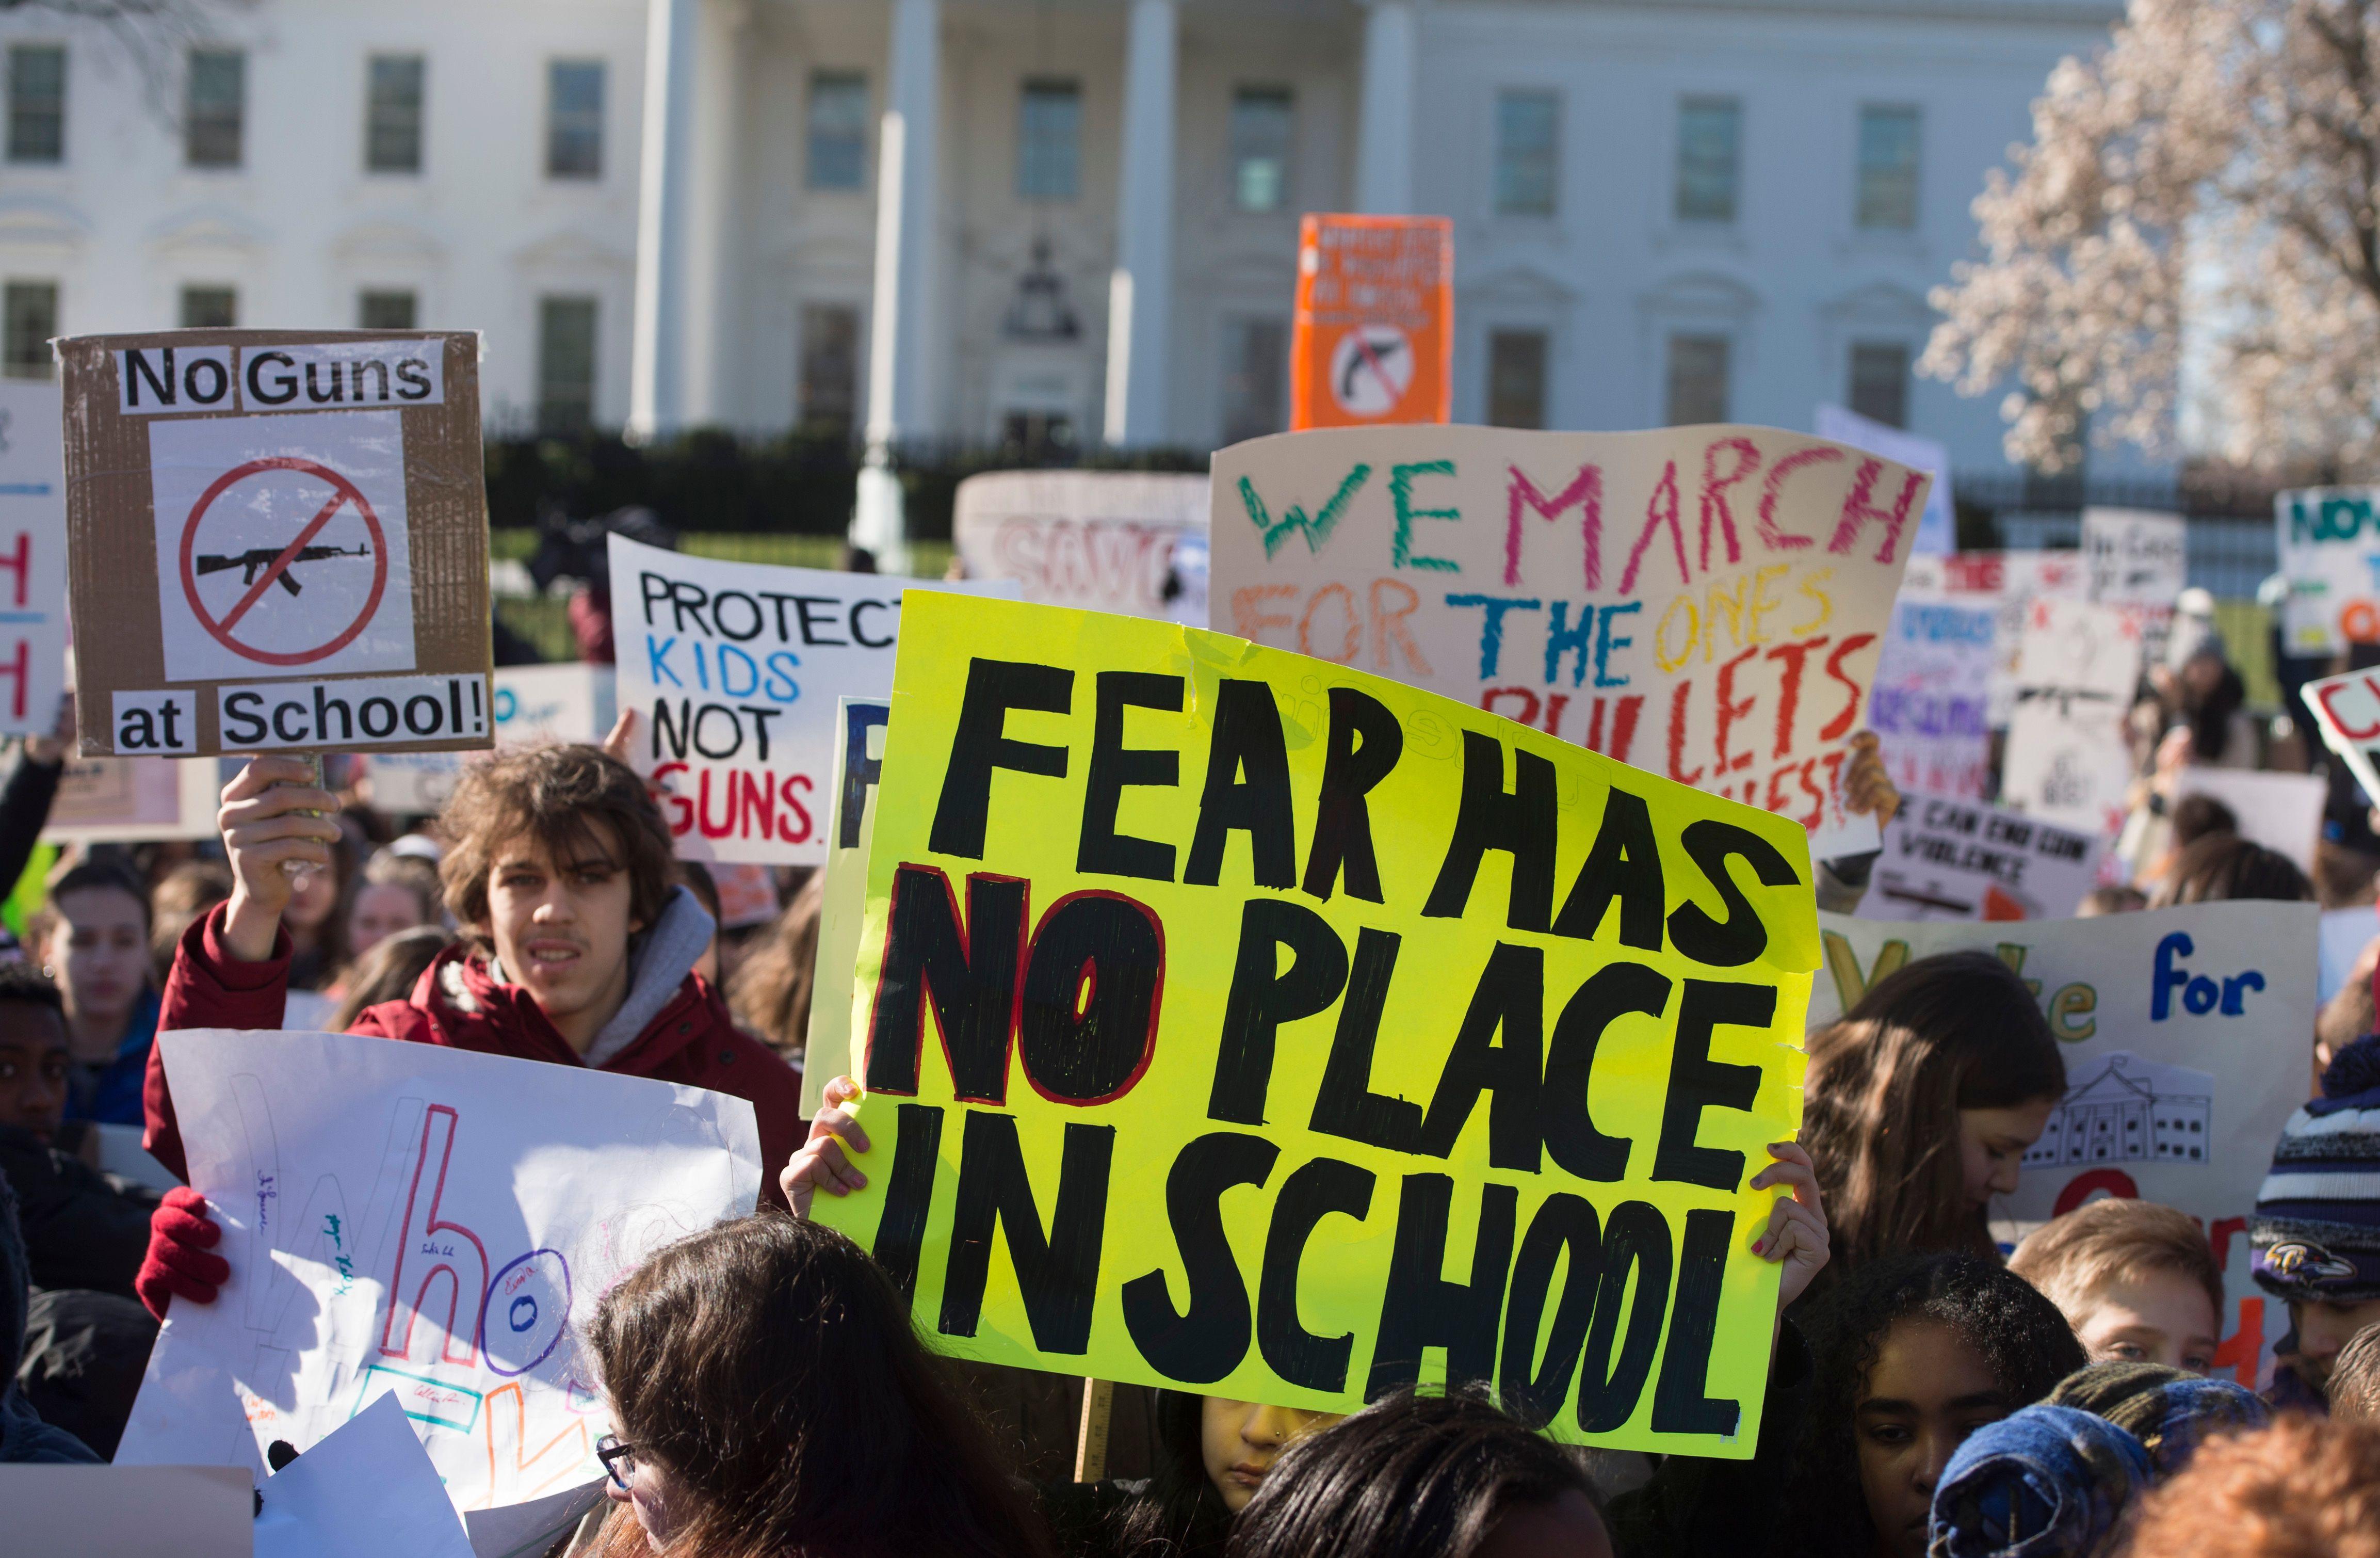 لافتات ضد اطلاق النار